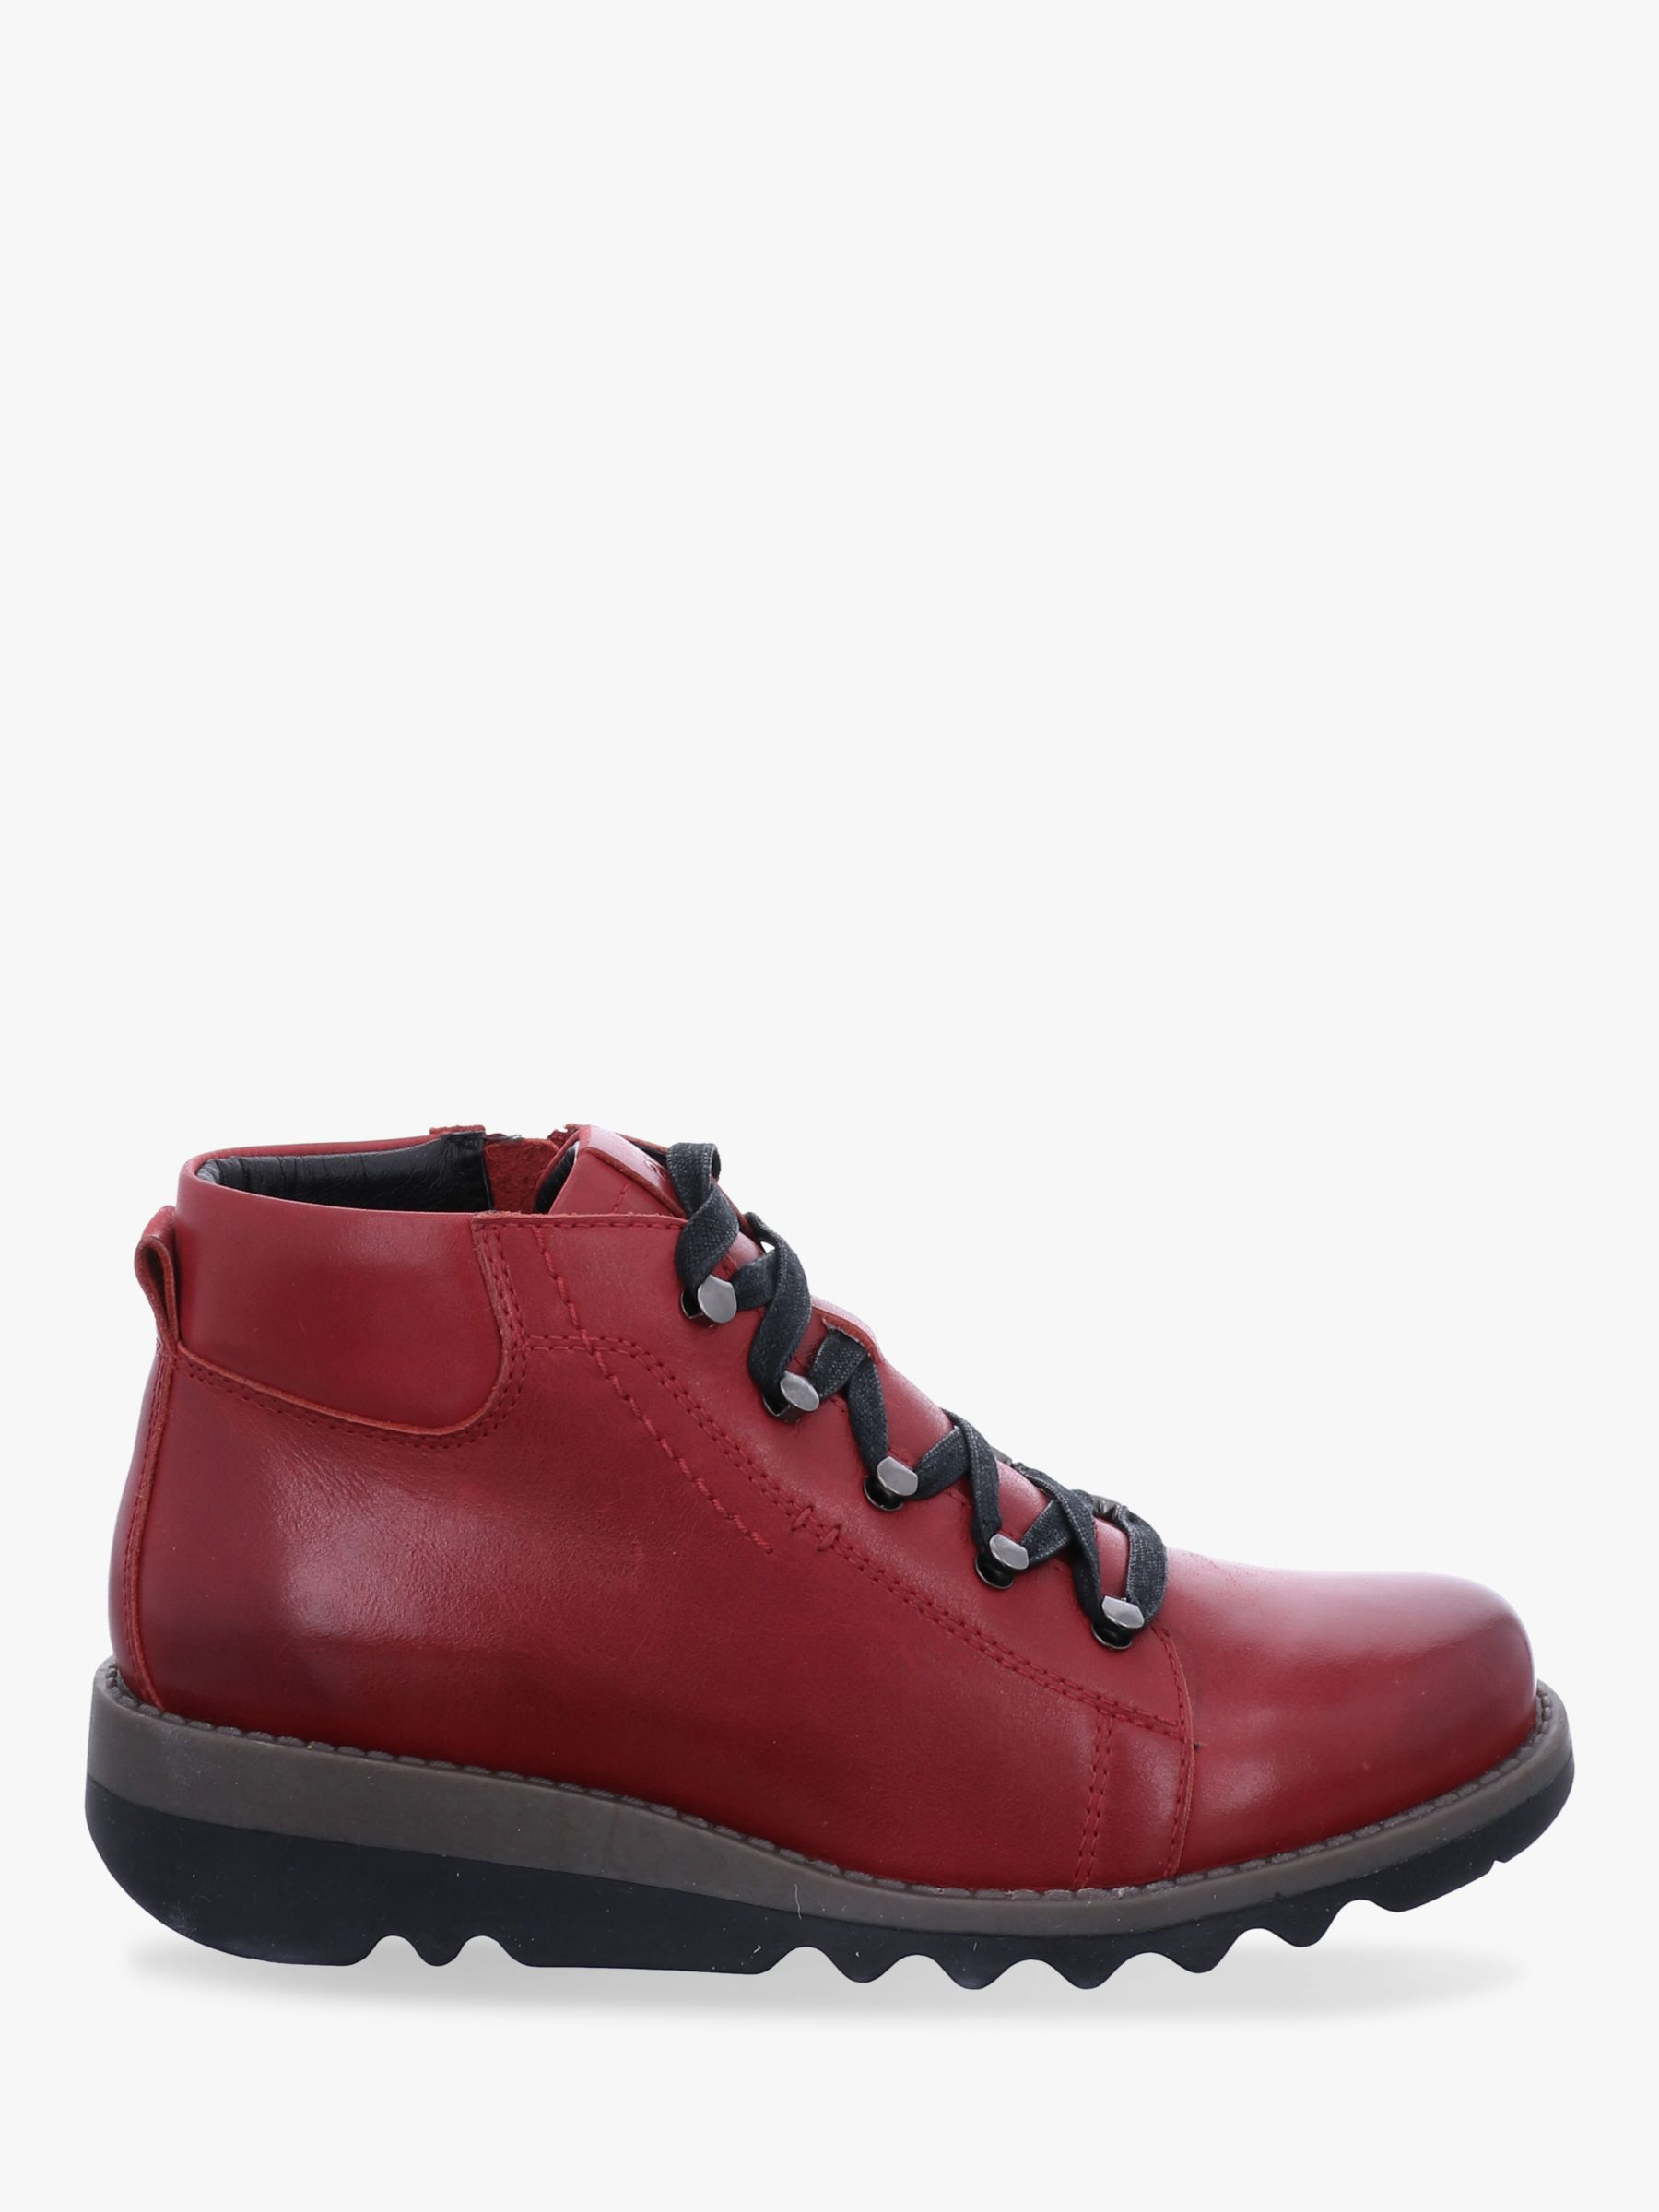 Josef Seibel Josef Seibel Lina 9 Leather Ankle Boots